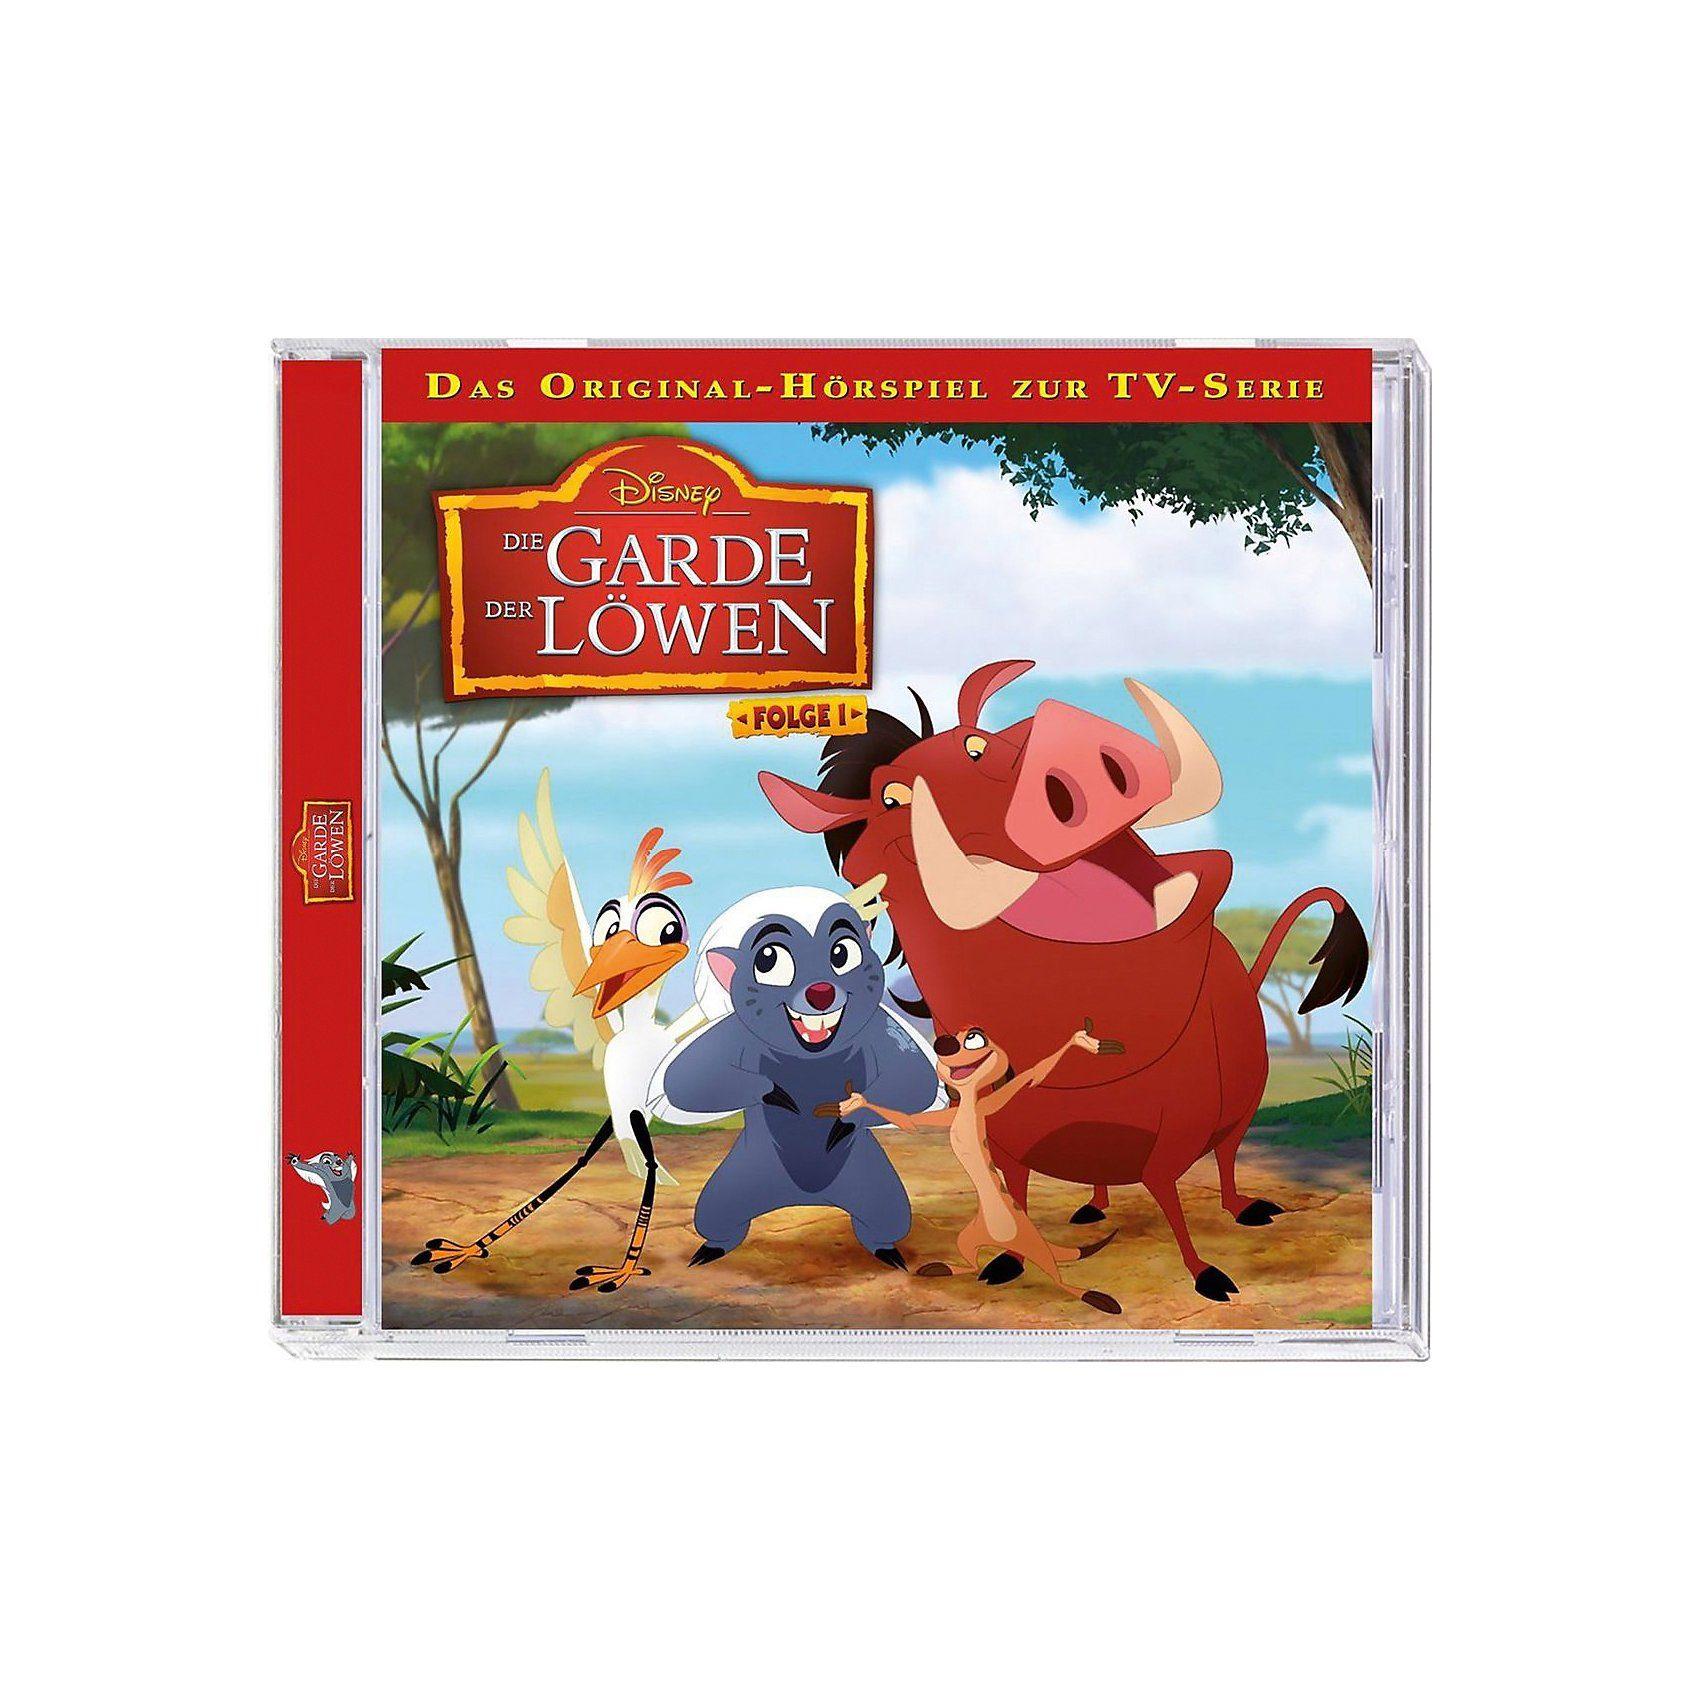 Kiddinx CD Disney Die Garde der Löwen - Folge 1